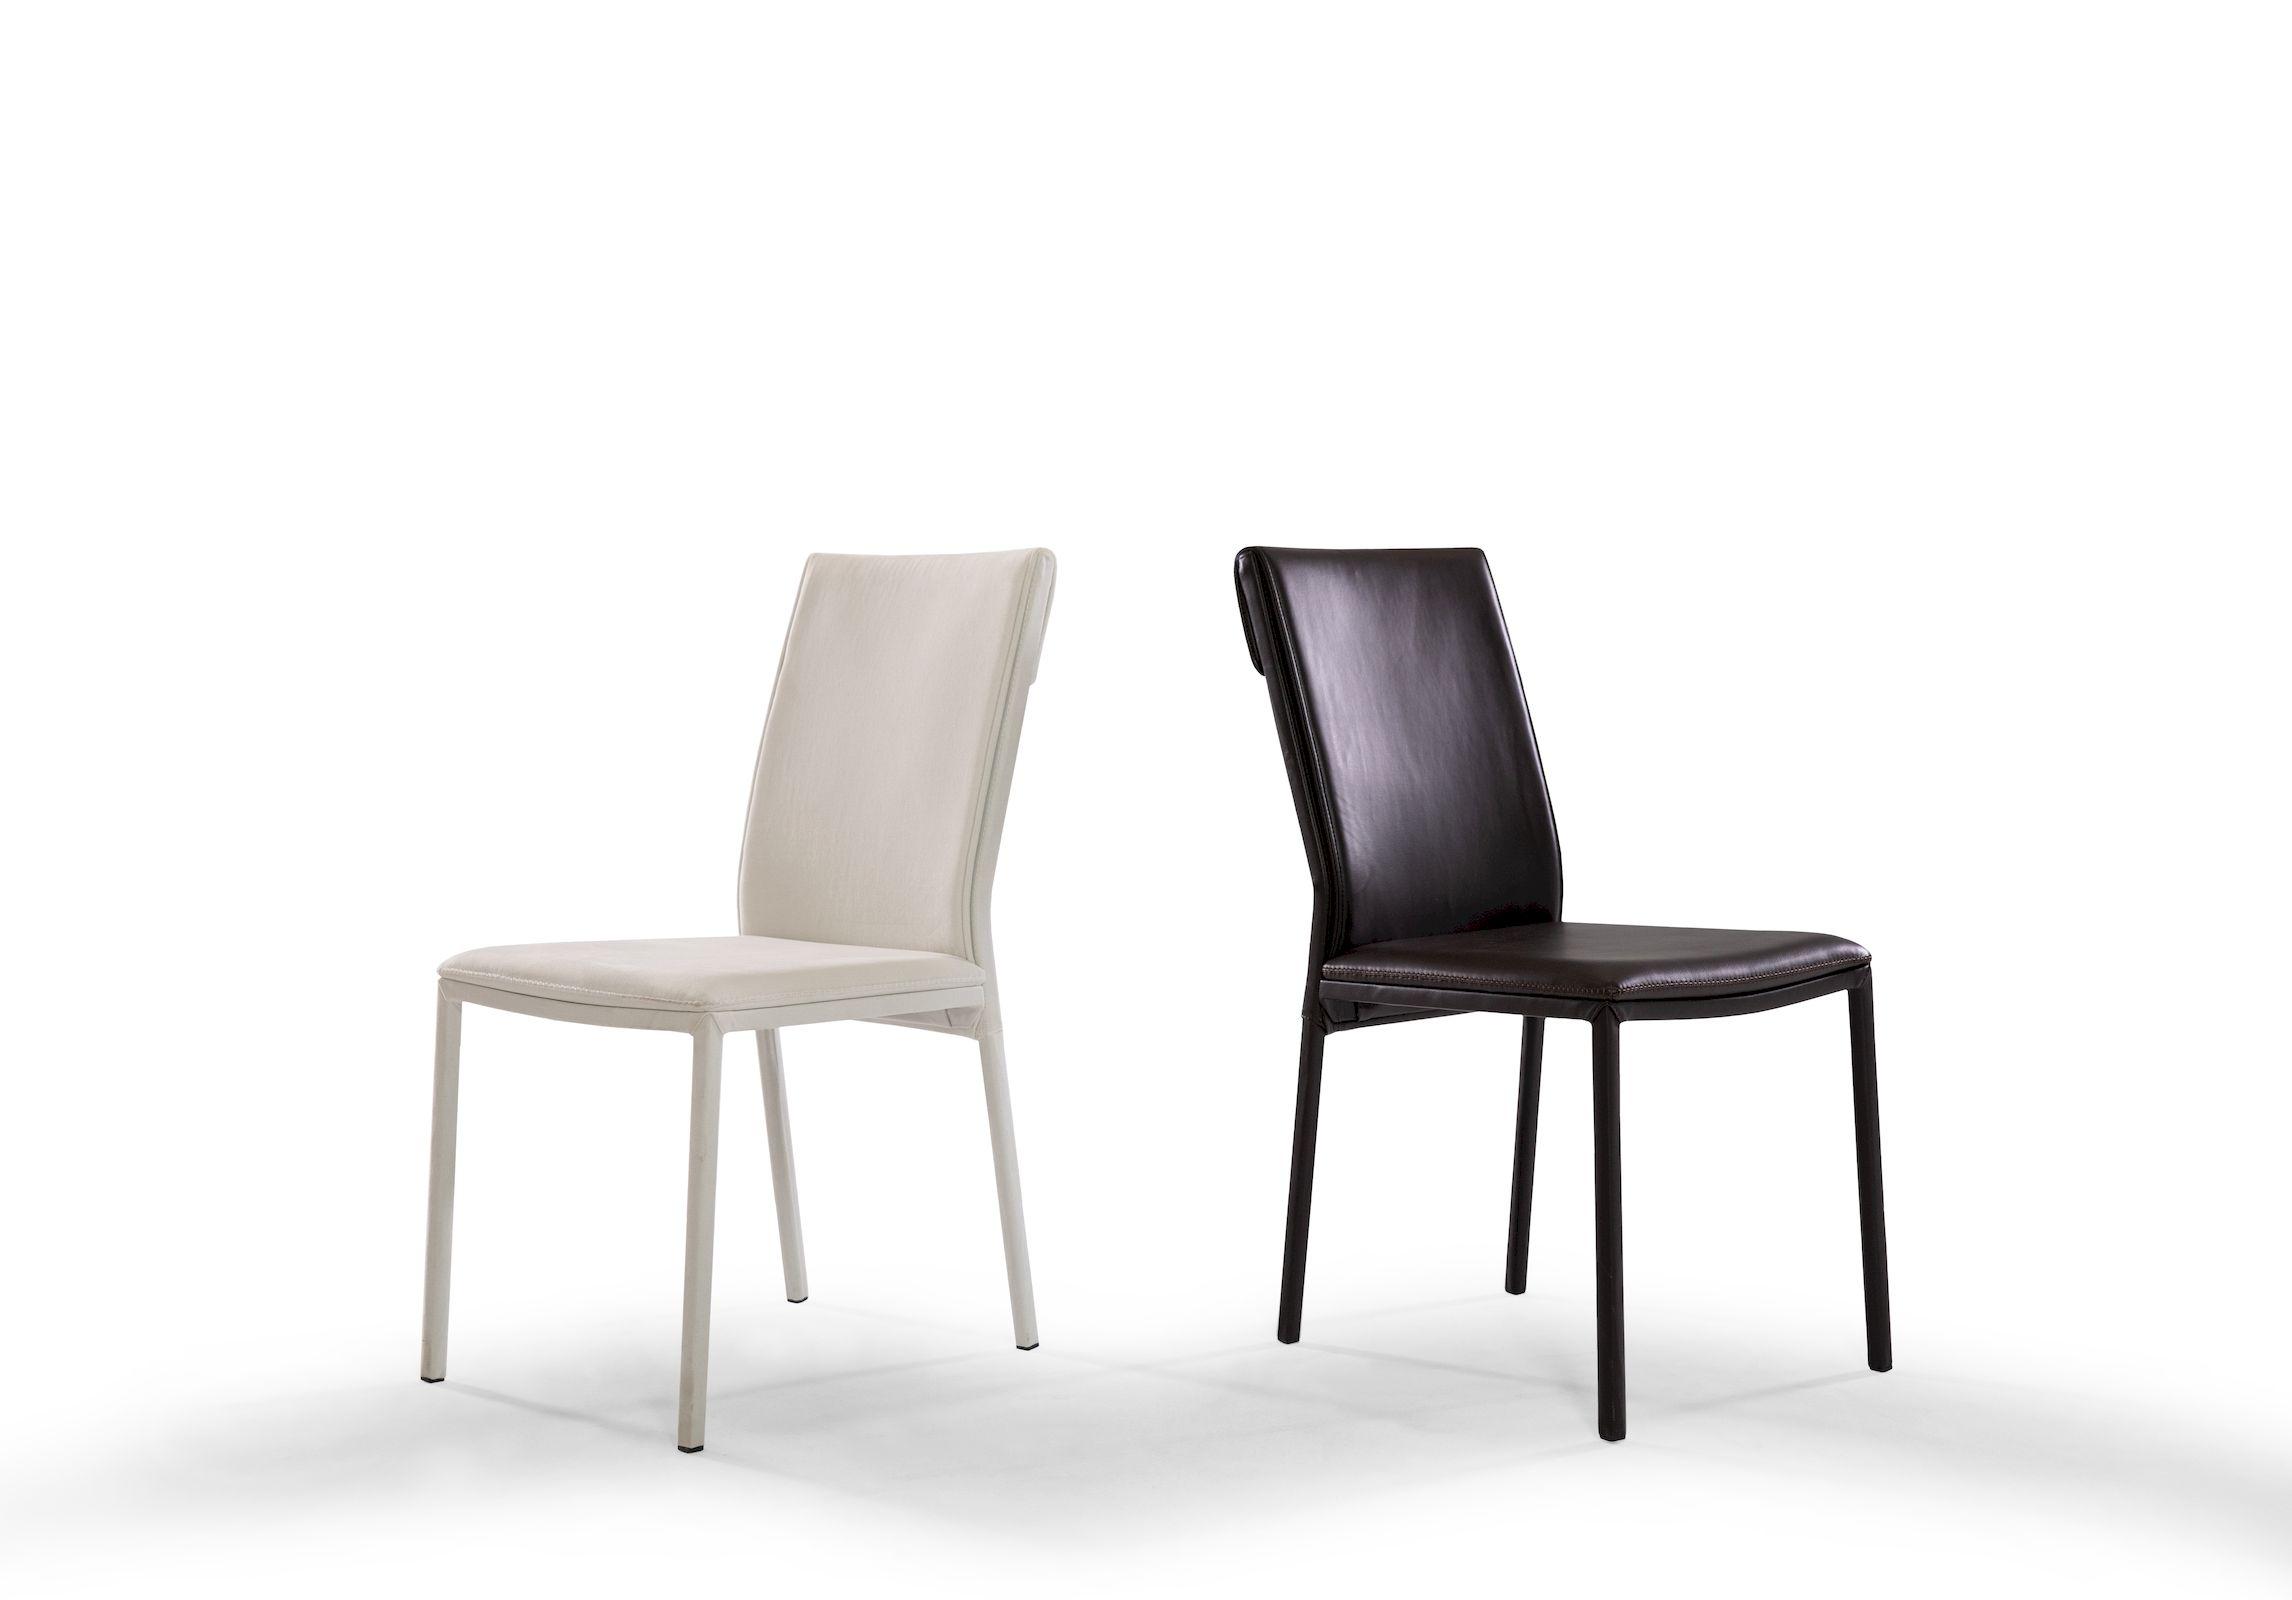 BIRDIE - Sedia con schienale inclinato, senza braccioli e piedi rivestiti